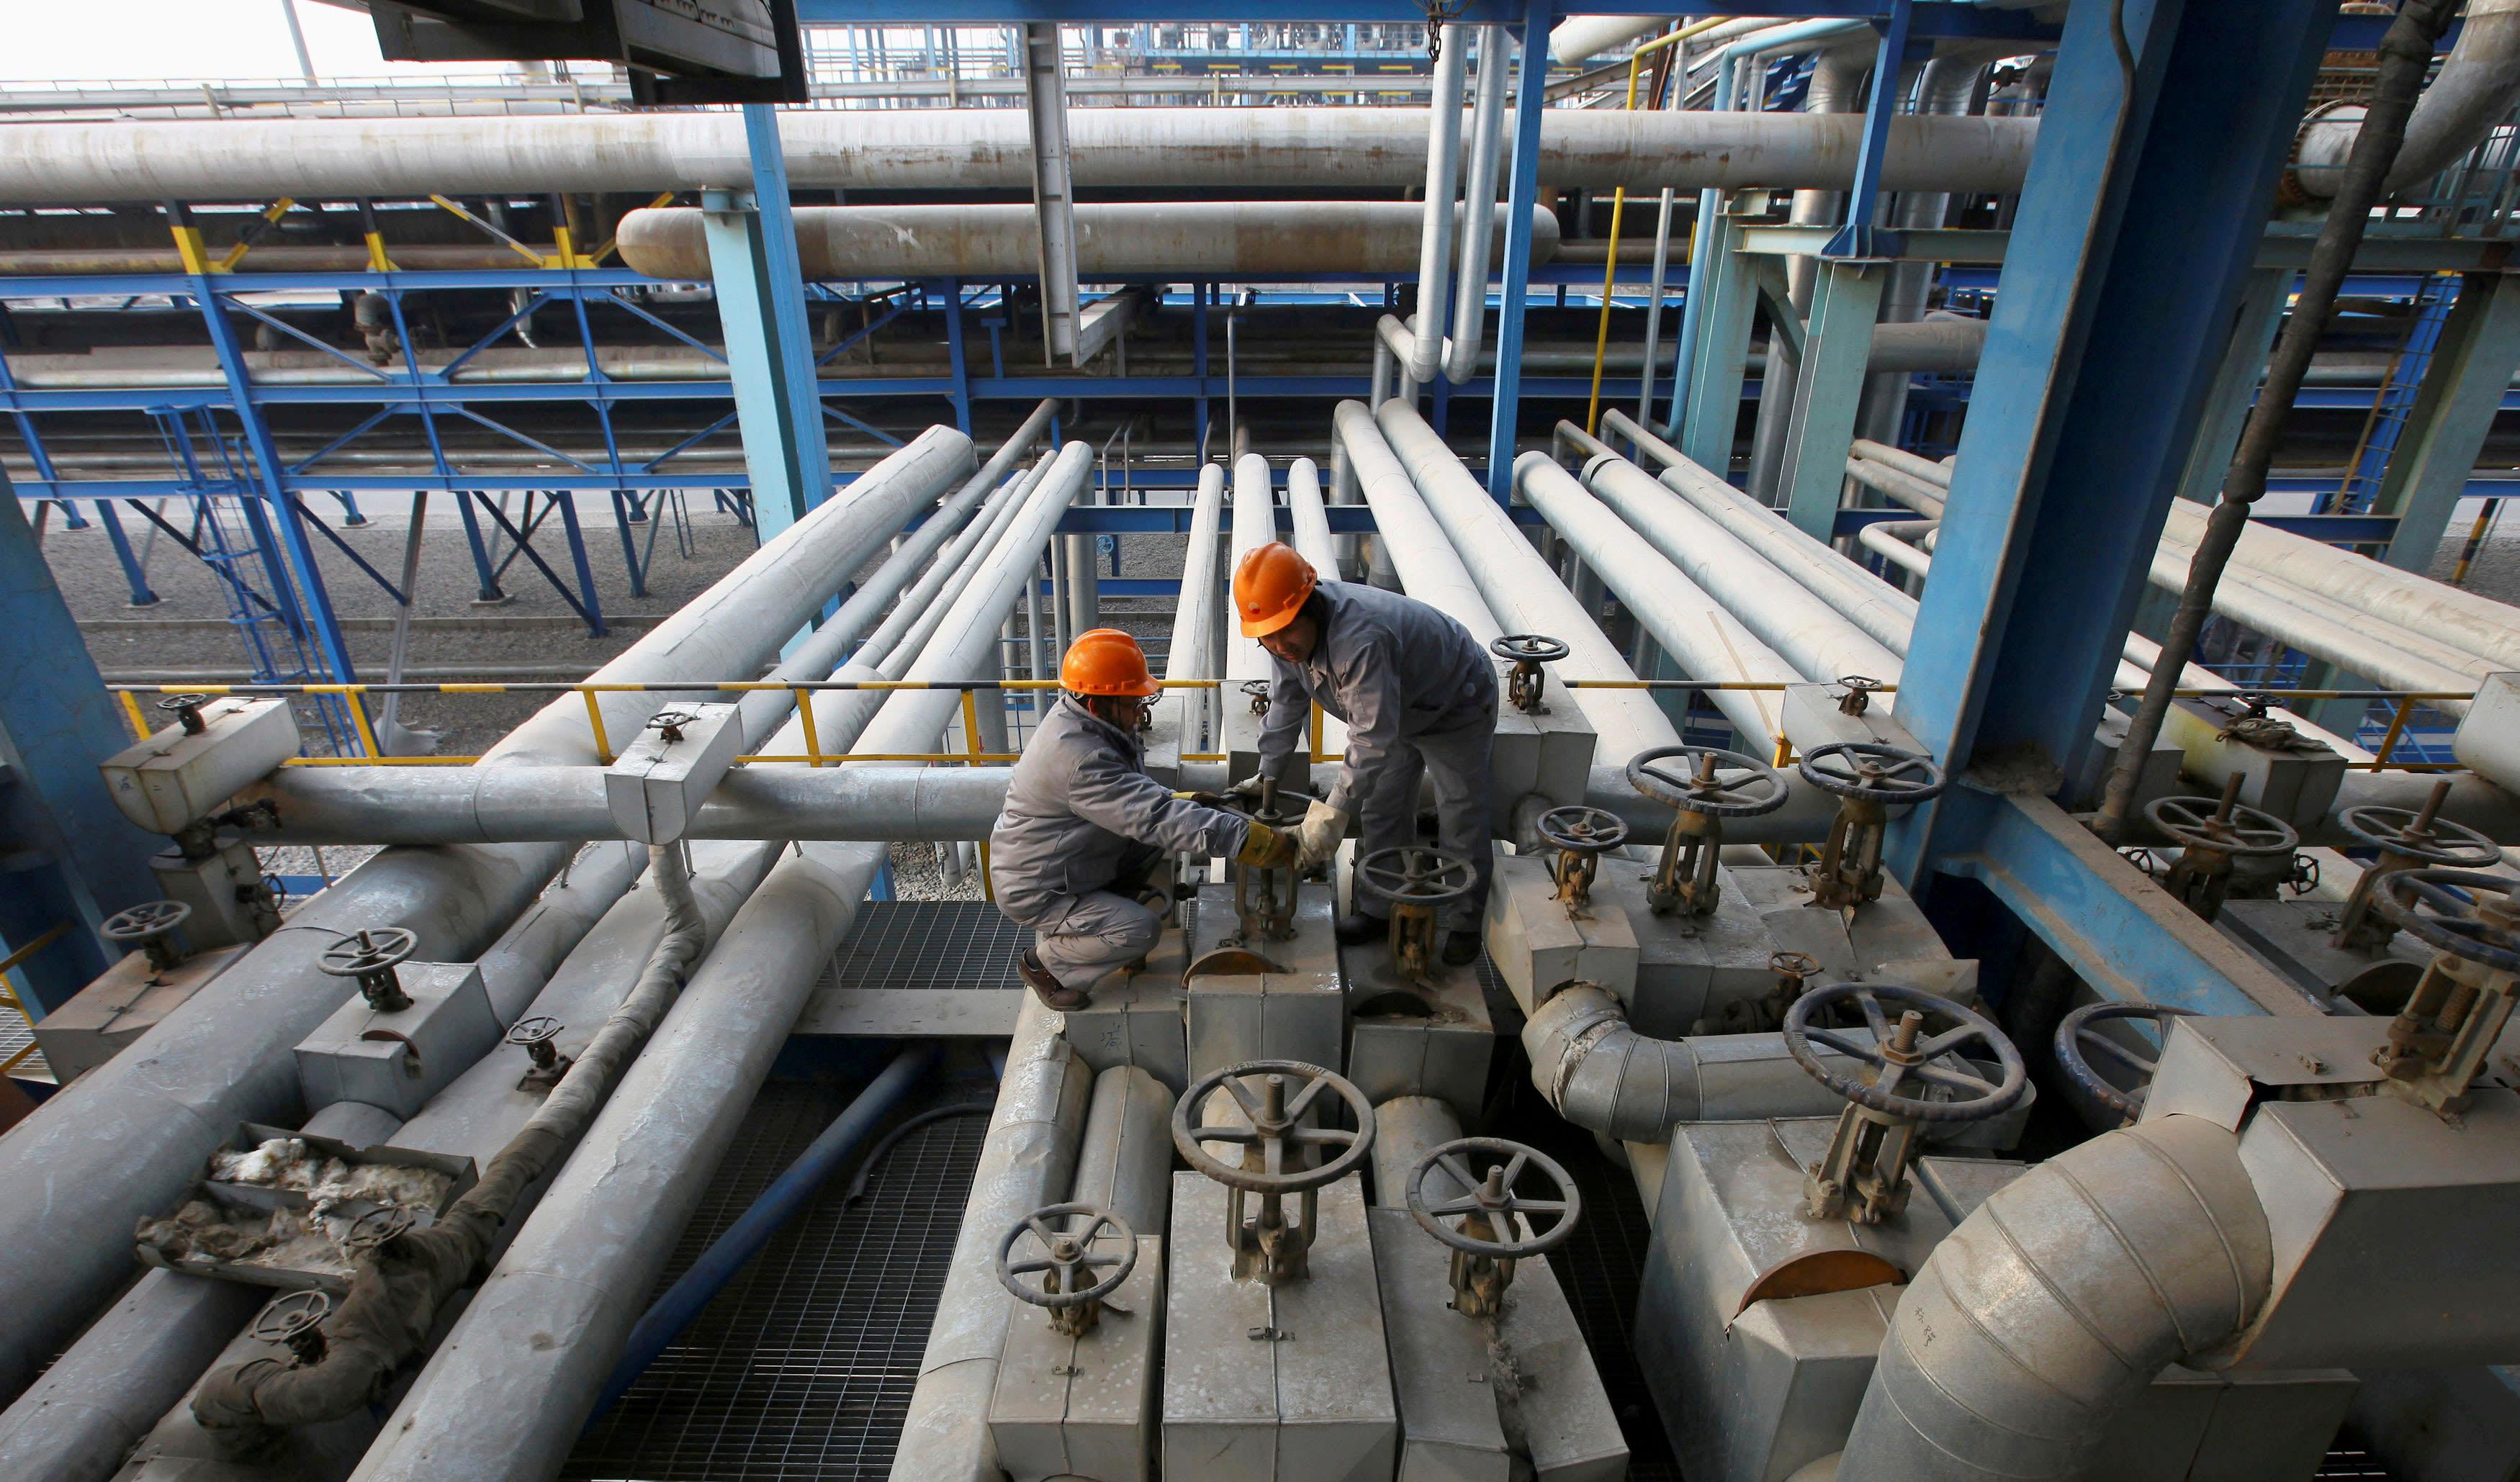 چین با سبقت از آمریکا، بزرگترین پالایشگر نفت جهان میشود